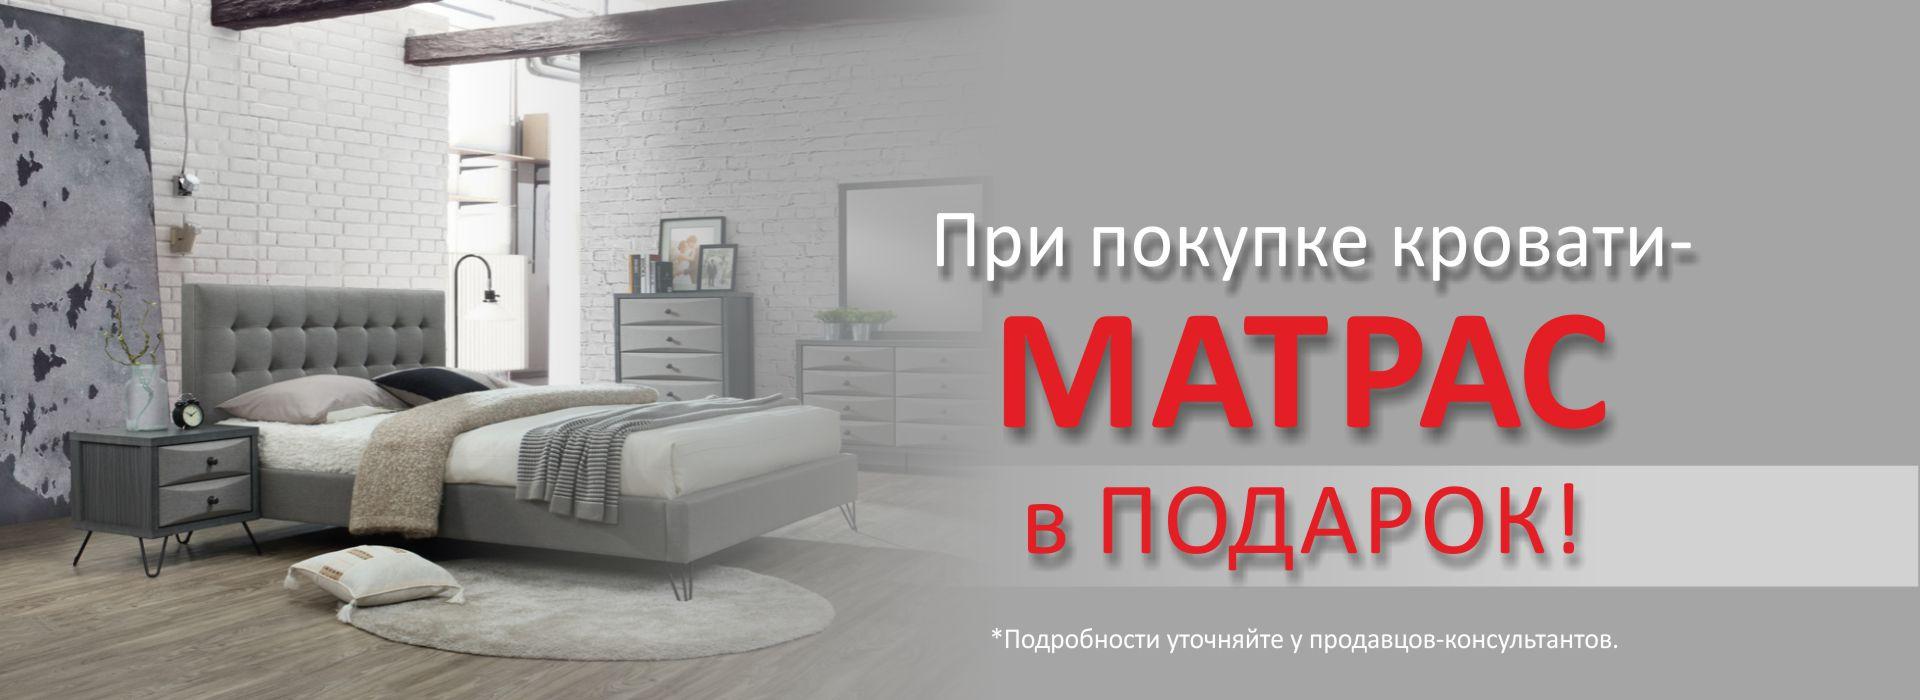 Мебельный центр Уют. Акция - при покупке кровати матрас в подарок